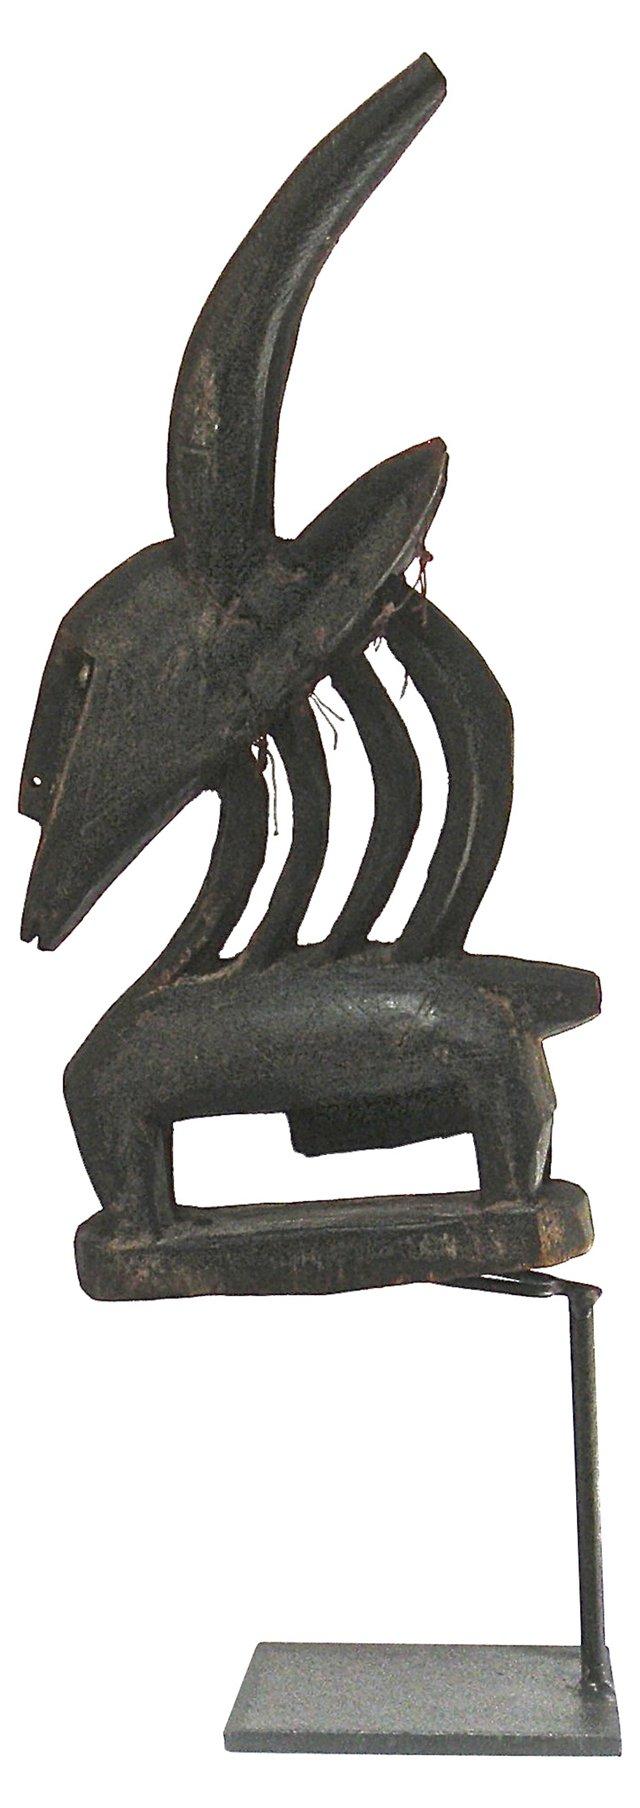 Chiwara Headress Sculpture